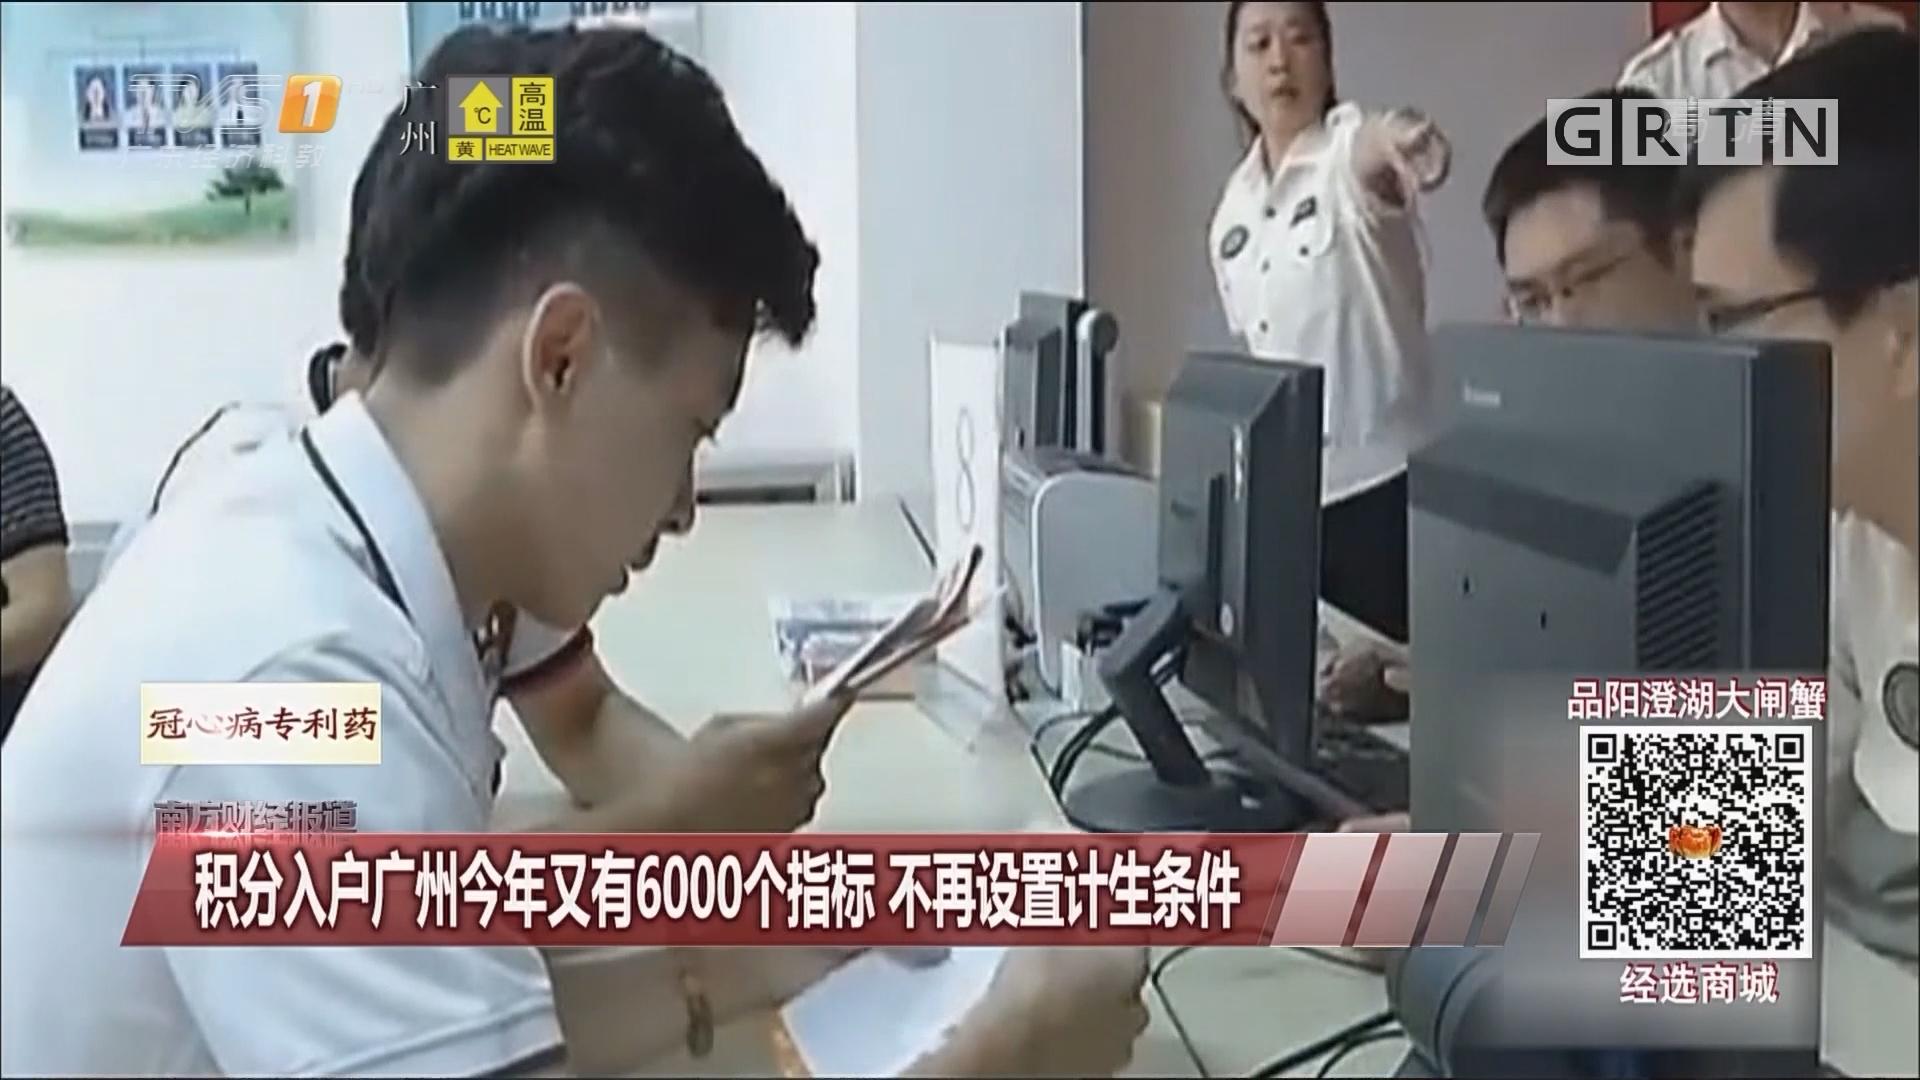 积分入户广州今年又有6000个指标 不再设置计生条件